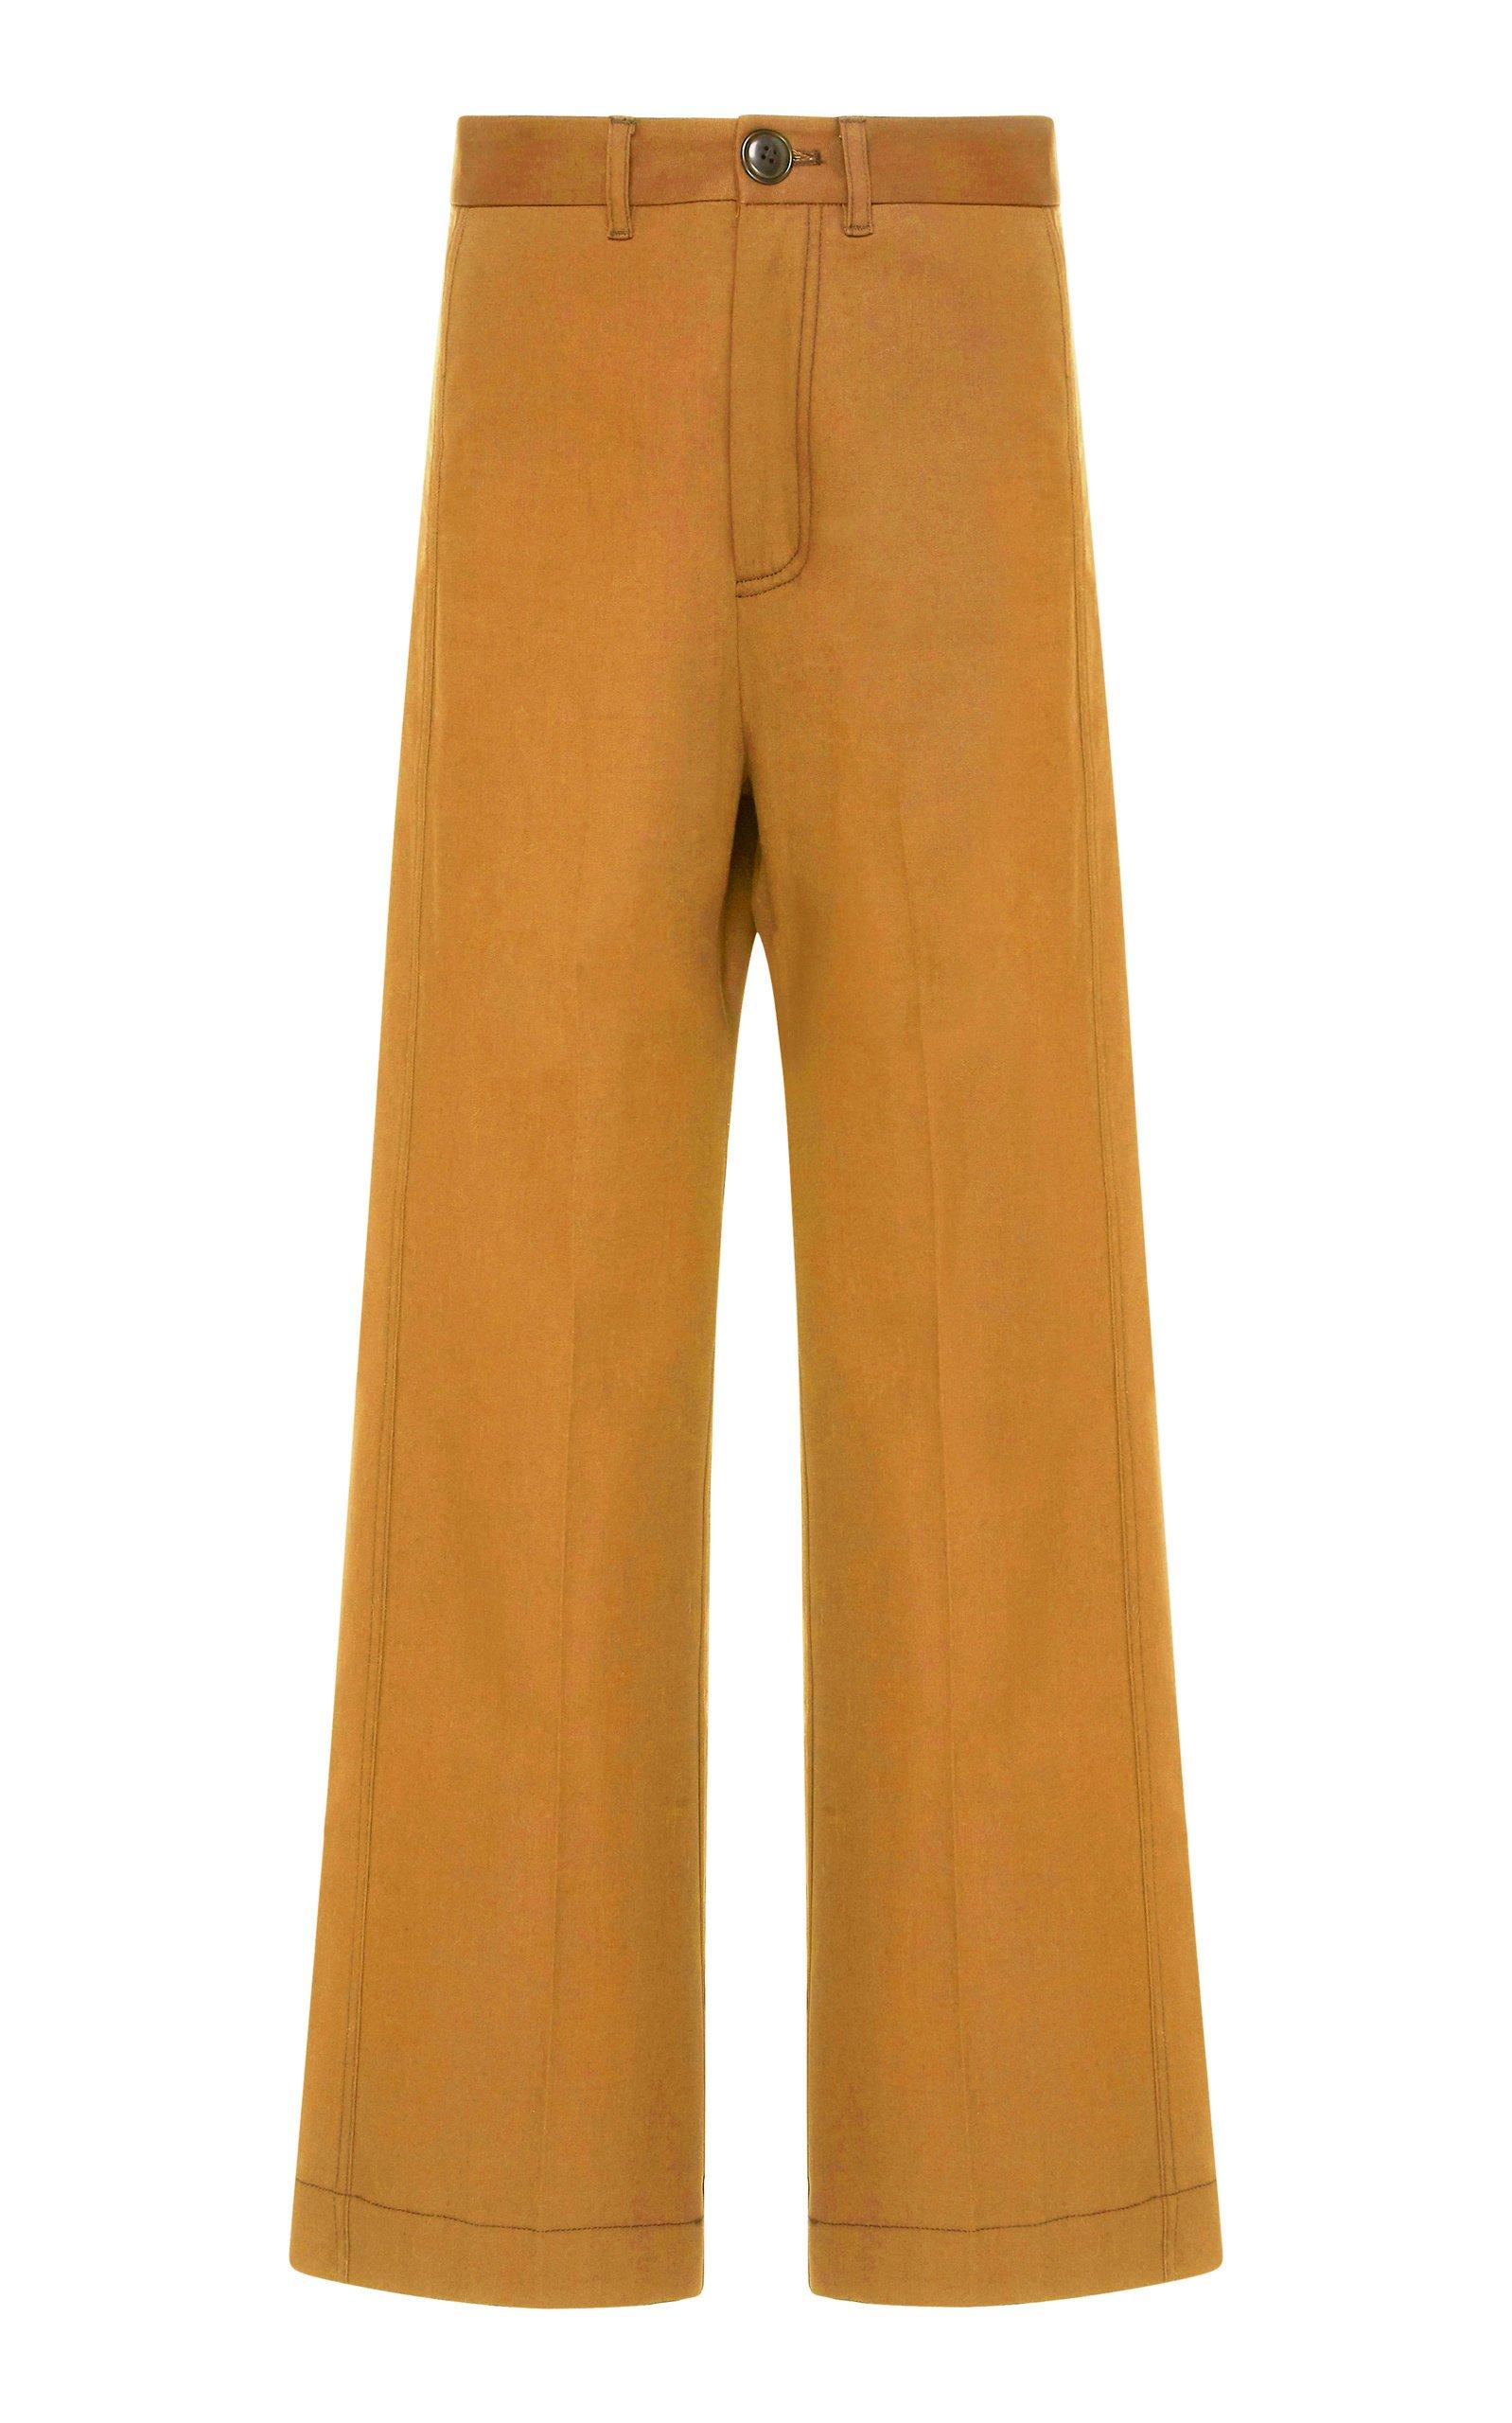 Sea Stevie Cotton Sailor Pant Size: 4